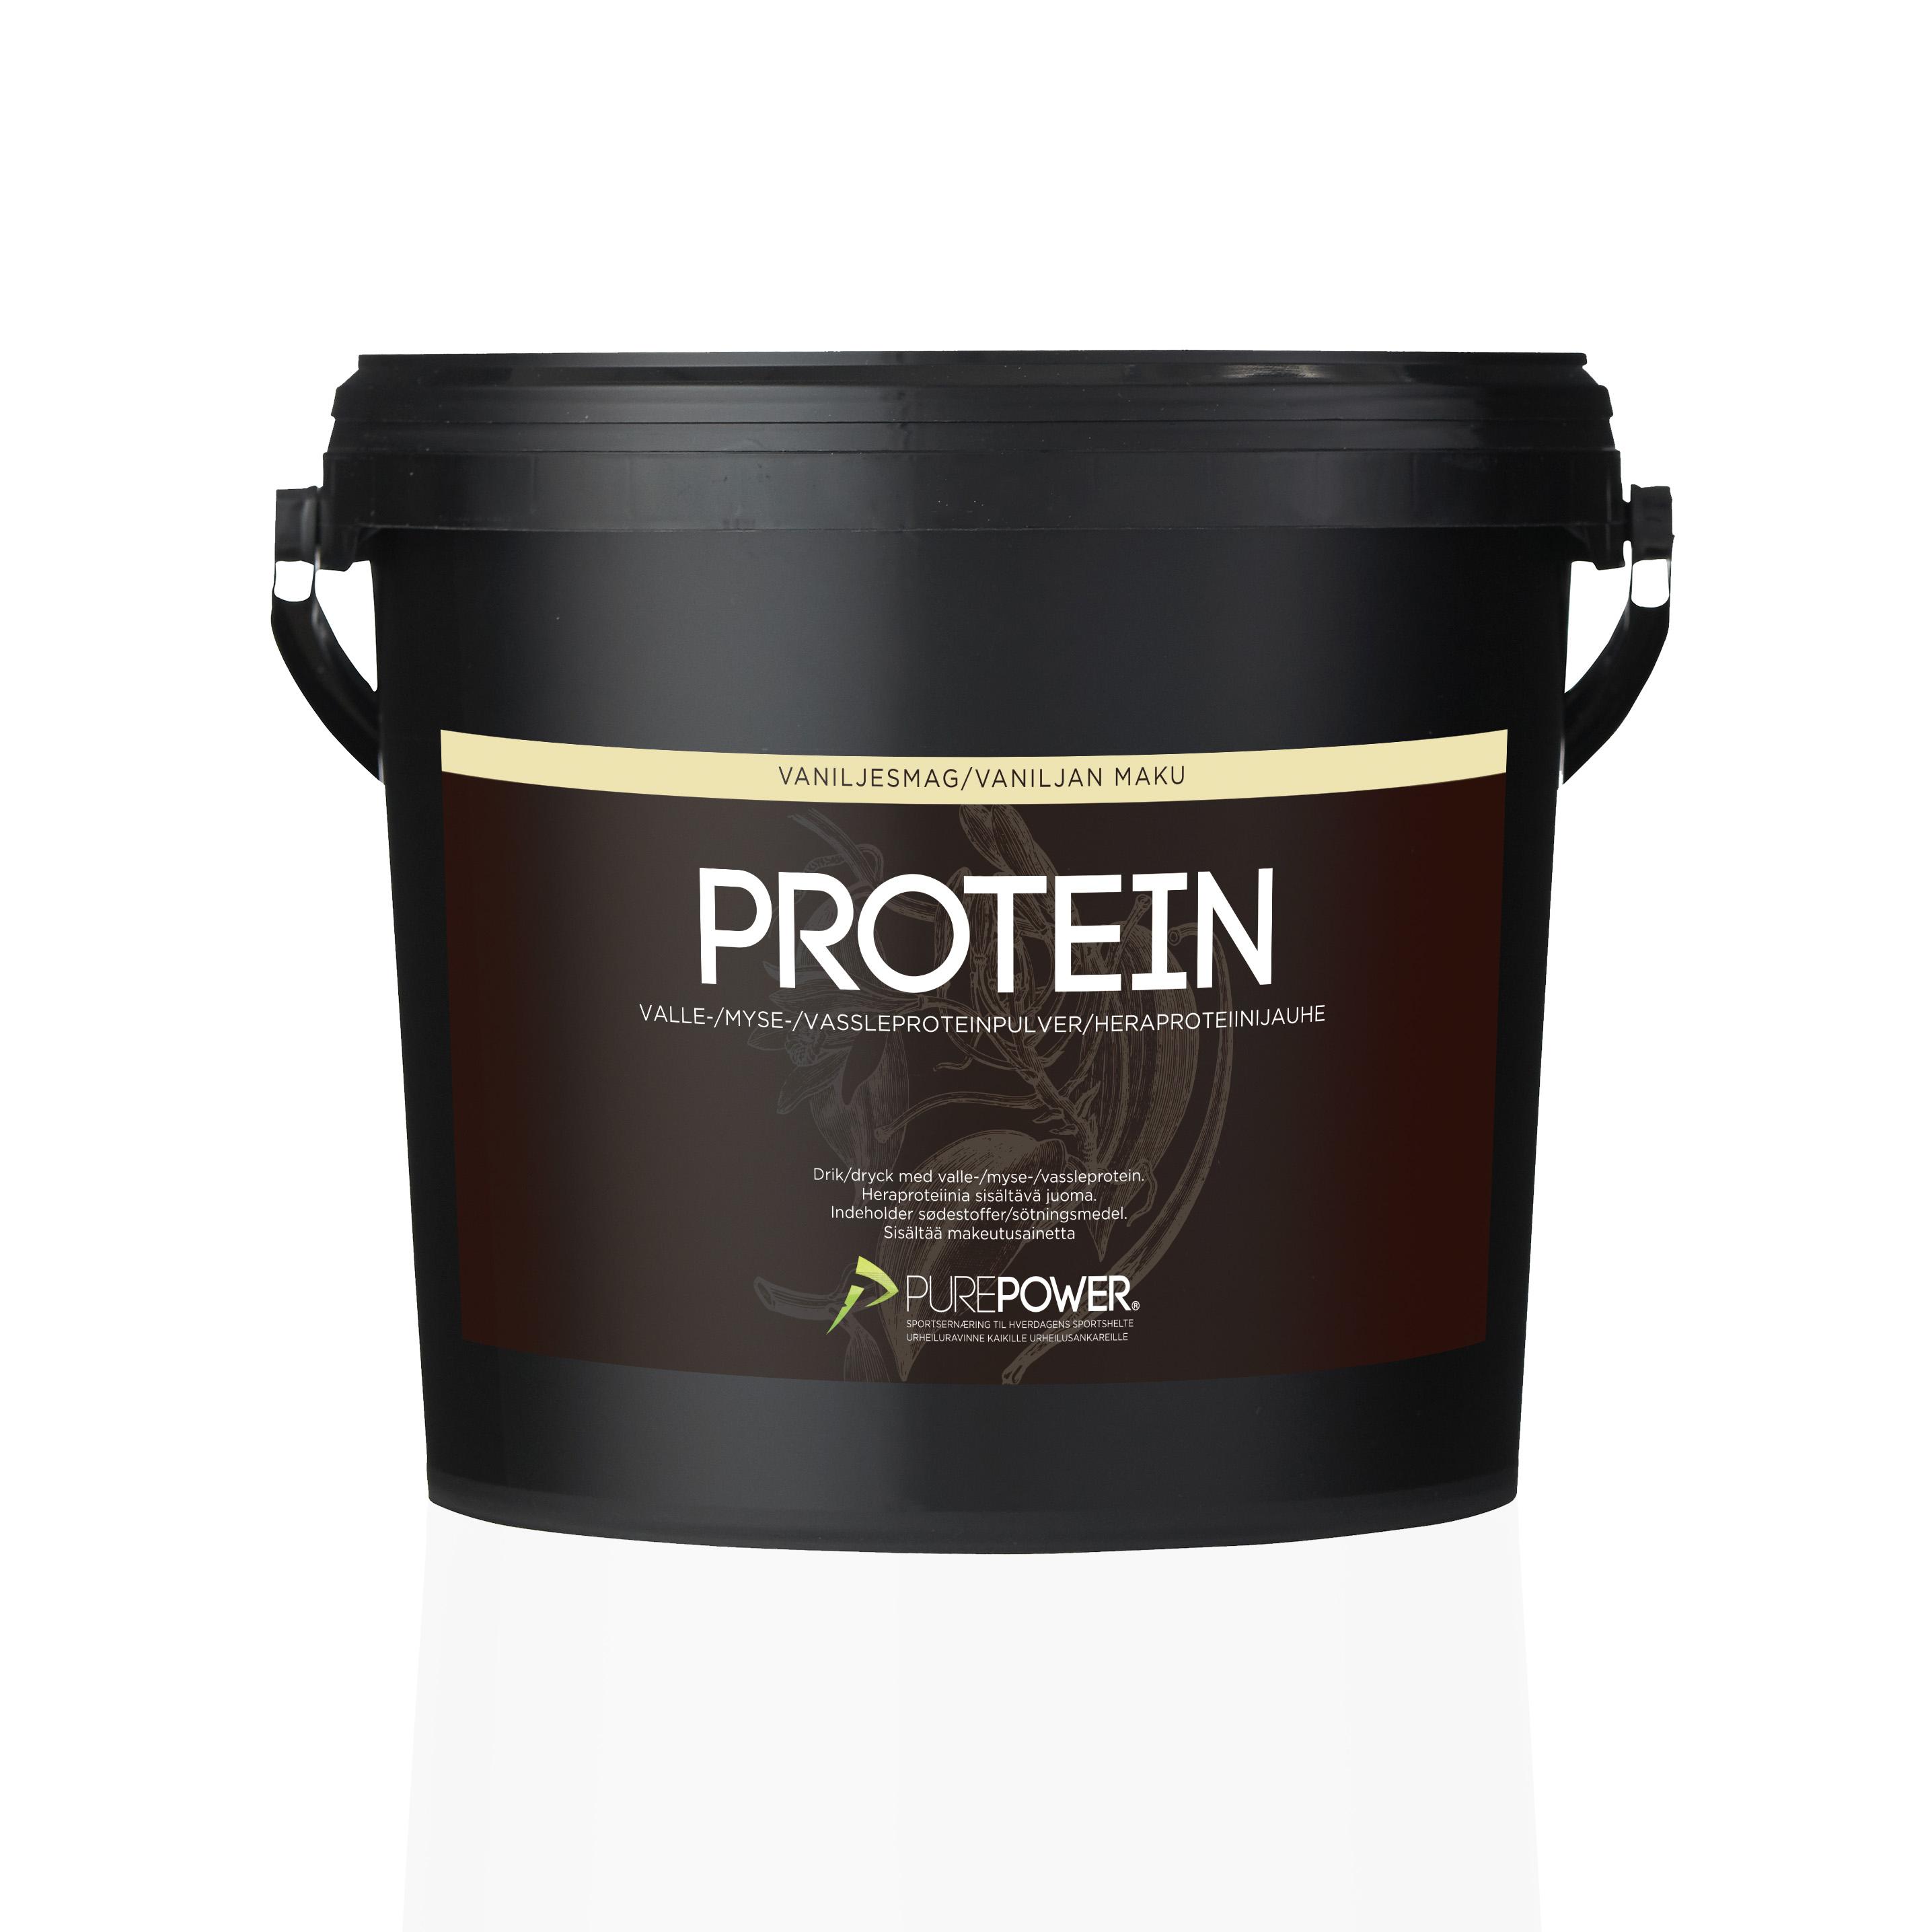 Purepower Proteinpulver - 3000g - Vanilie - 6944370   Proteinbar og -pulver